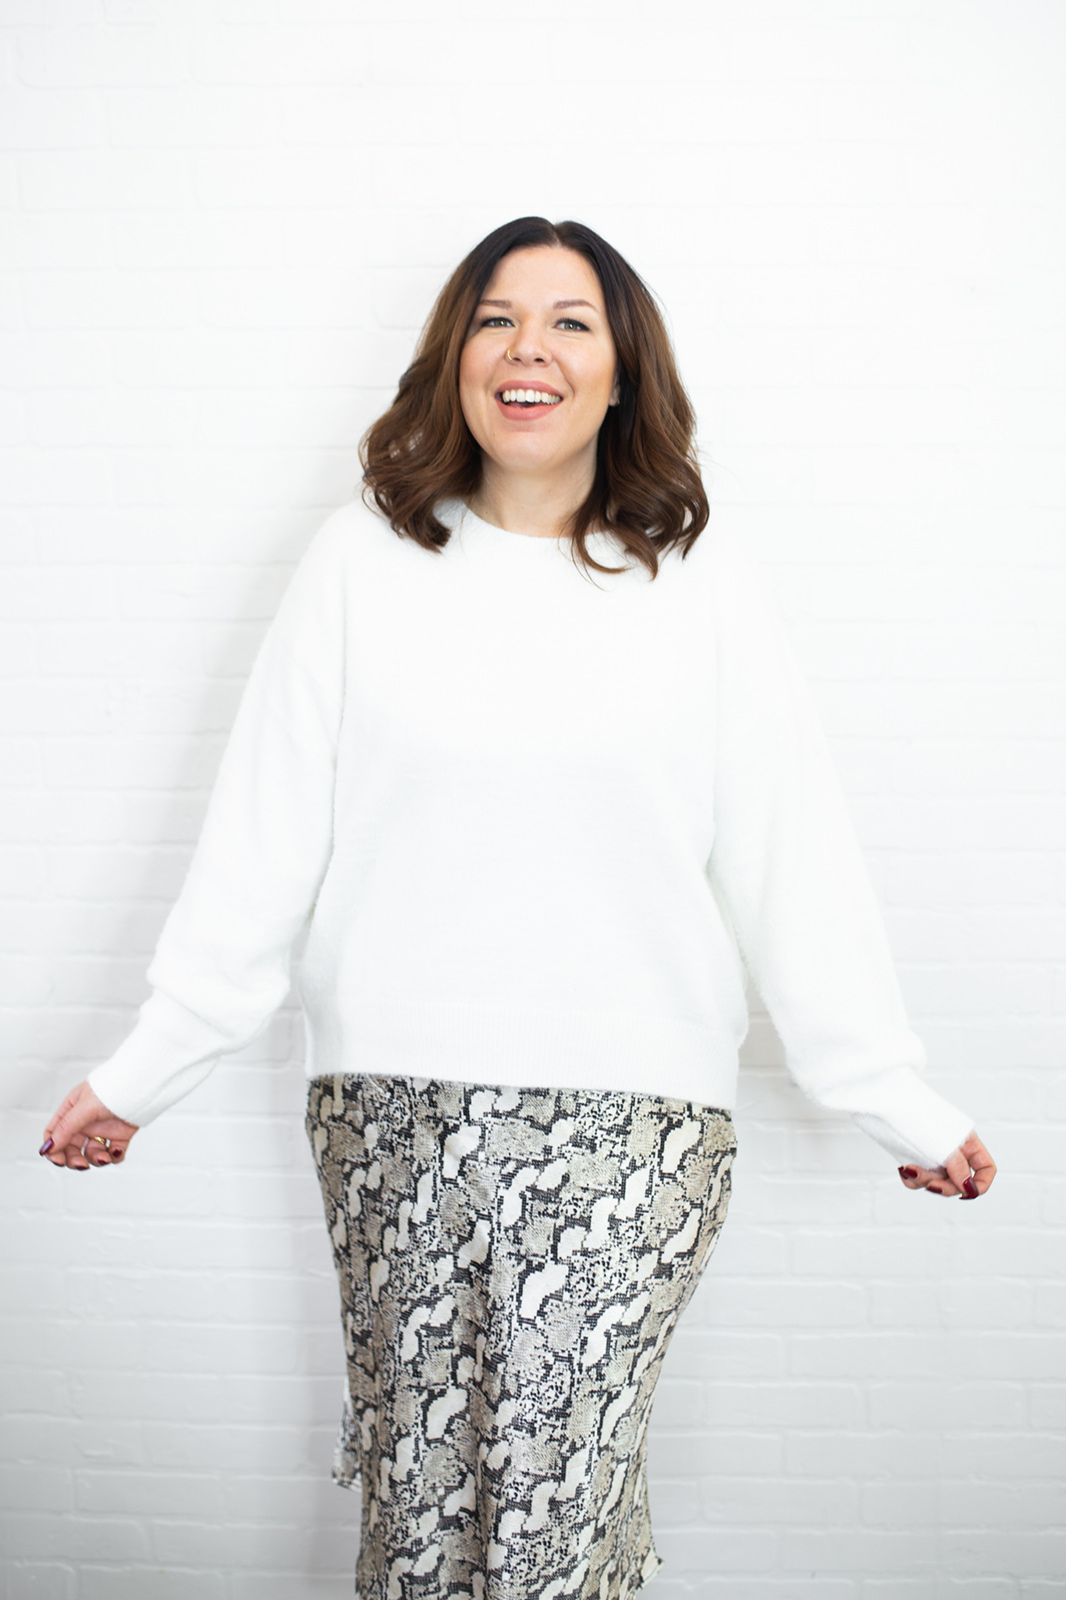 Miranda Diem